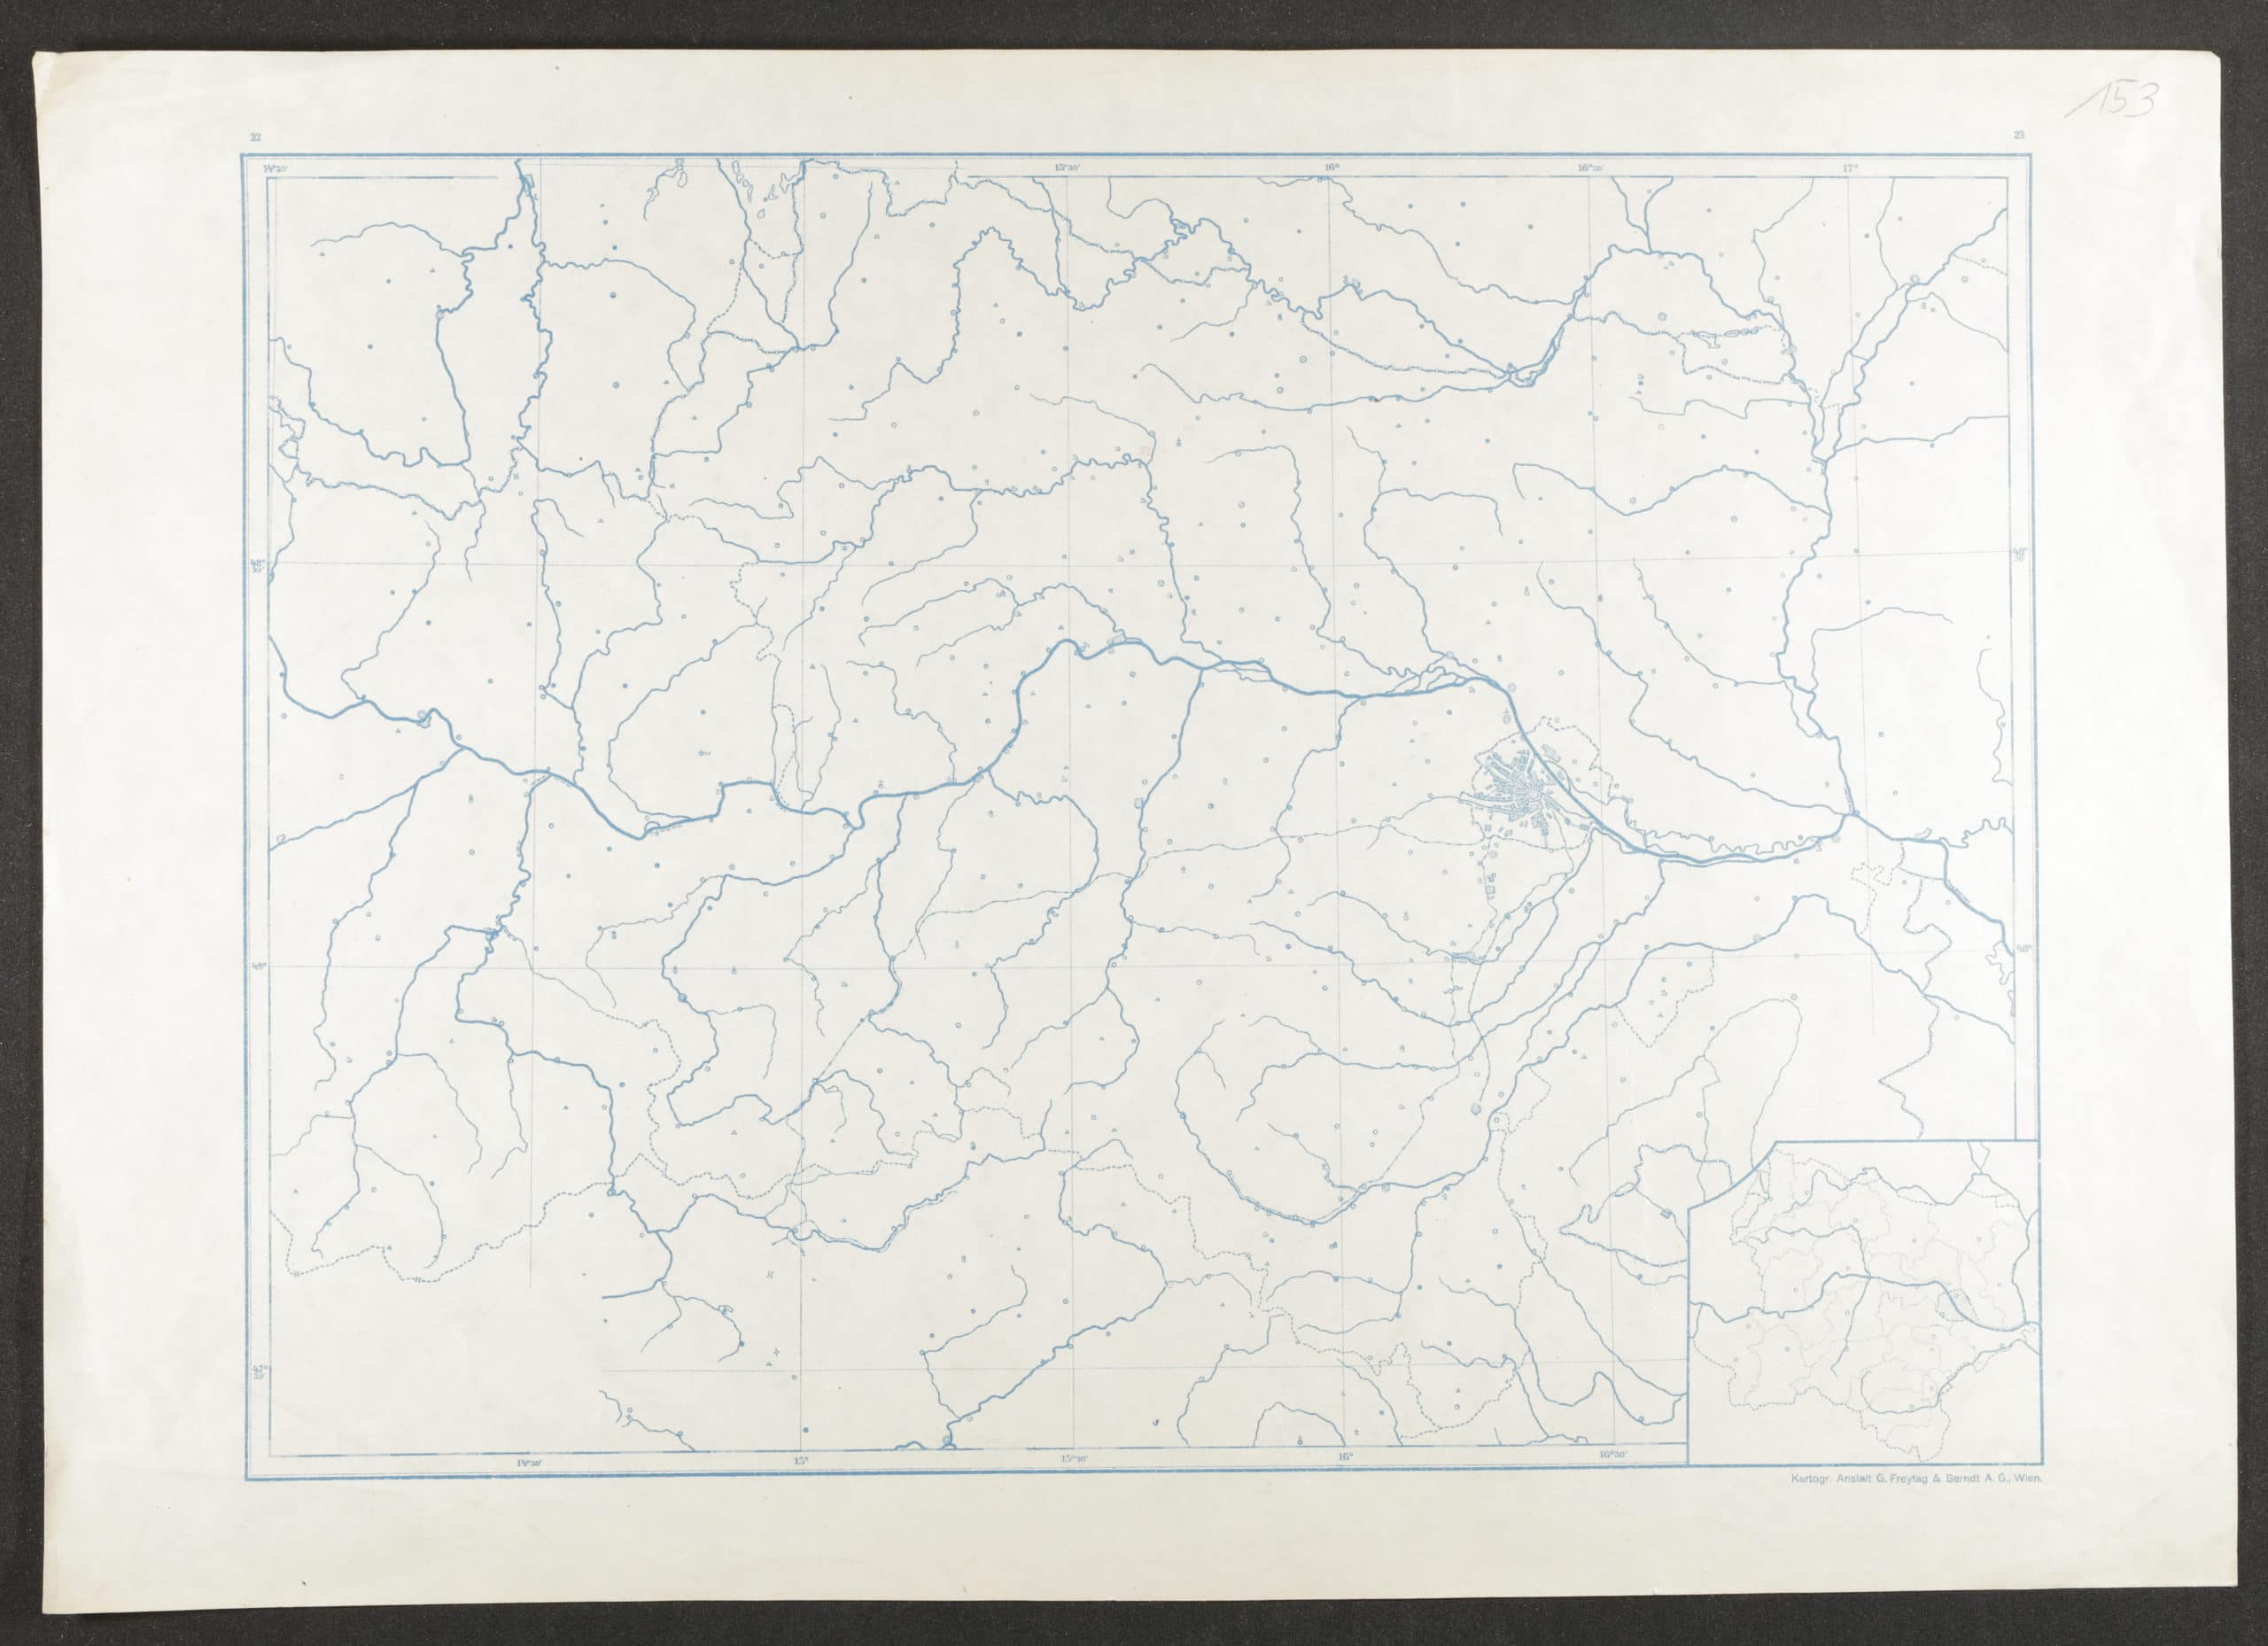 Die Abbildung zeigt den Scan einer Landkarte. Mit Linien sind Wasserläufe eingezeichnet, kleine Symbole verweisen auf Markierungspunkte im Raum. In der rechten Kartenhälfte ist Wien als Ansiedlung eingezeichnet, weitere Ortschaften oder Grenzverläufe werden nicht ausgewiesen.